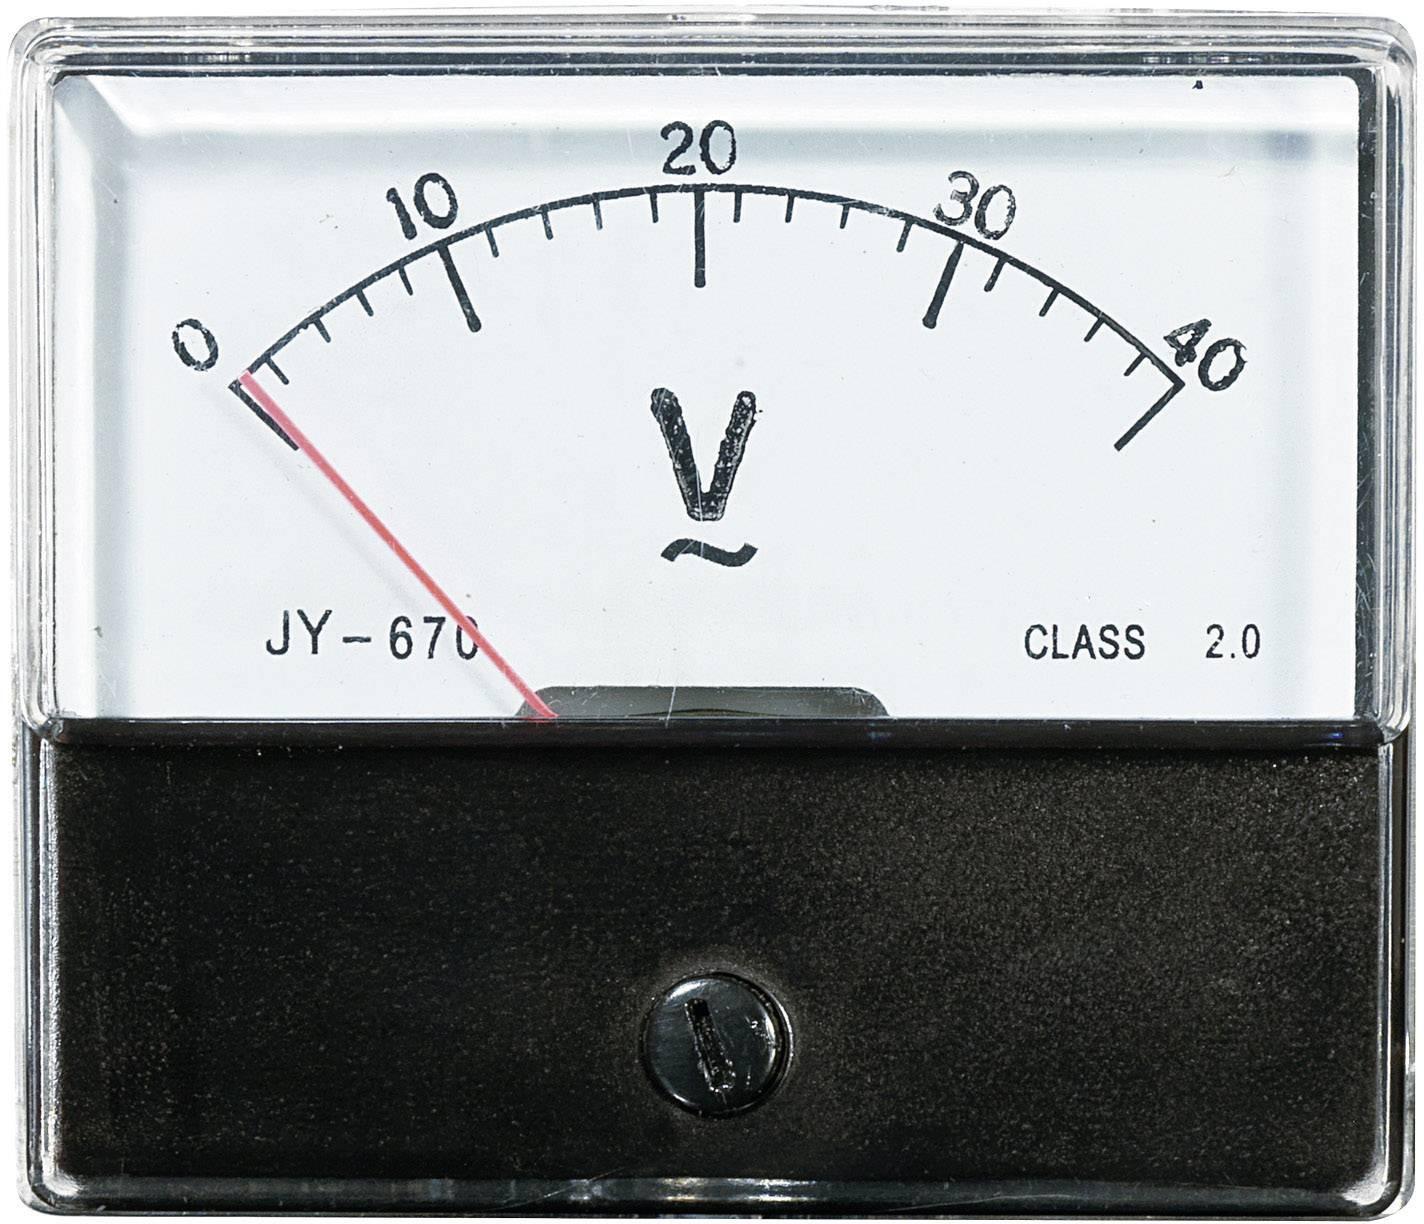 VOLTCRAFT AM-70X60/40V Ugradbeni mjerni uređaj AM  40 V pomični svitak